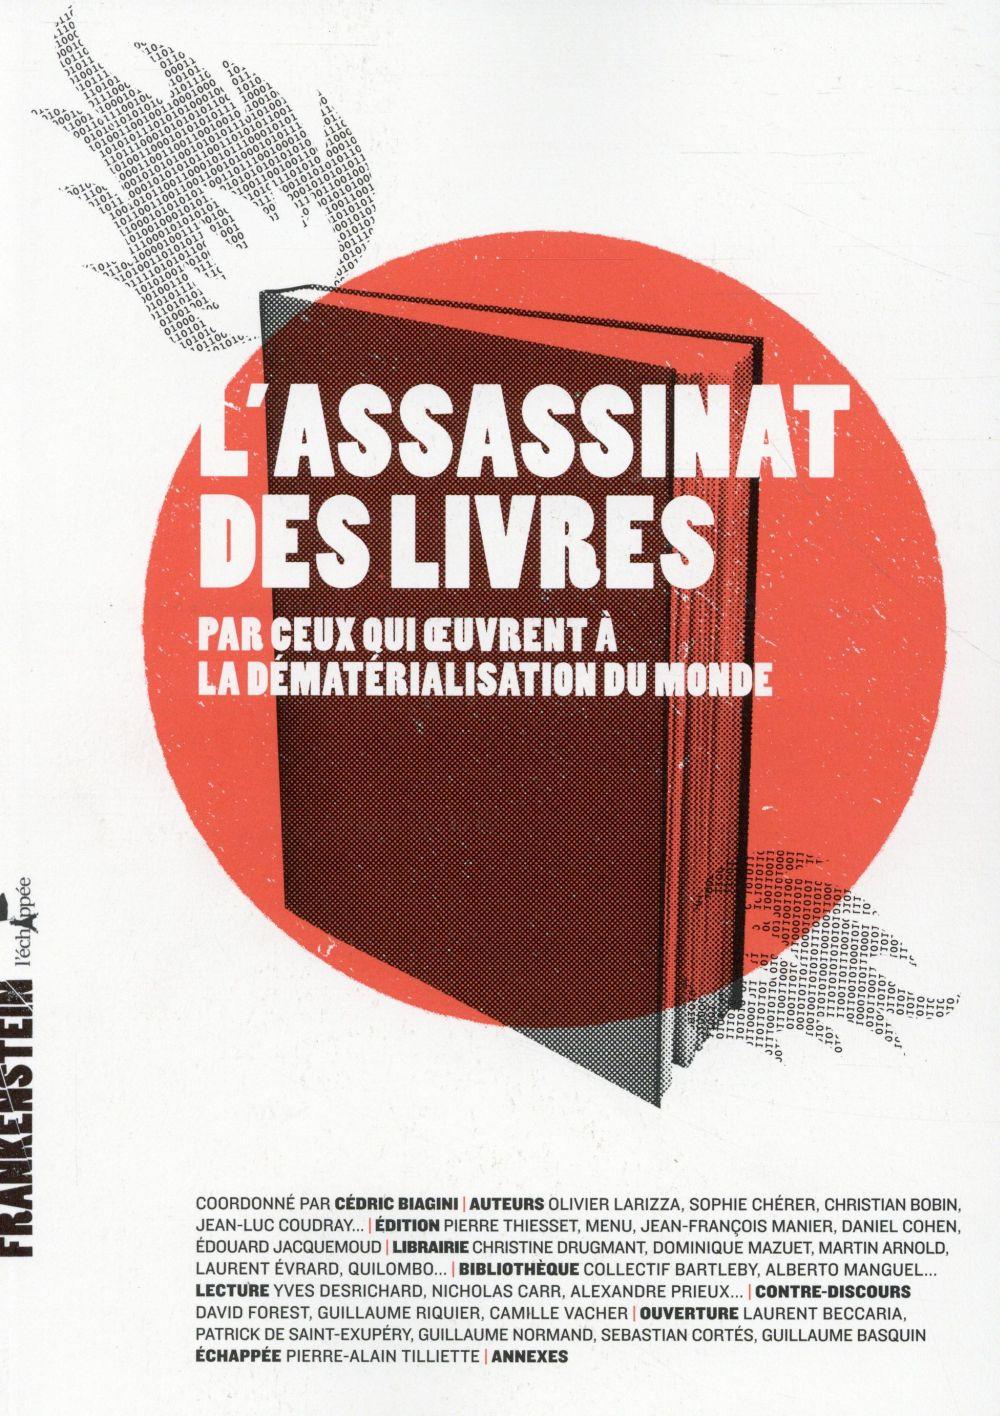 L' ASSASSINAT DES LIVRES - PAR CEUX QUI OEUVRENT A LA DEMATERIALISATION DU MONDE